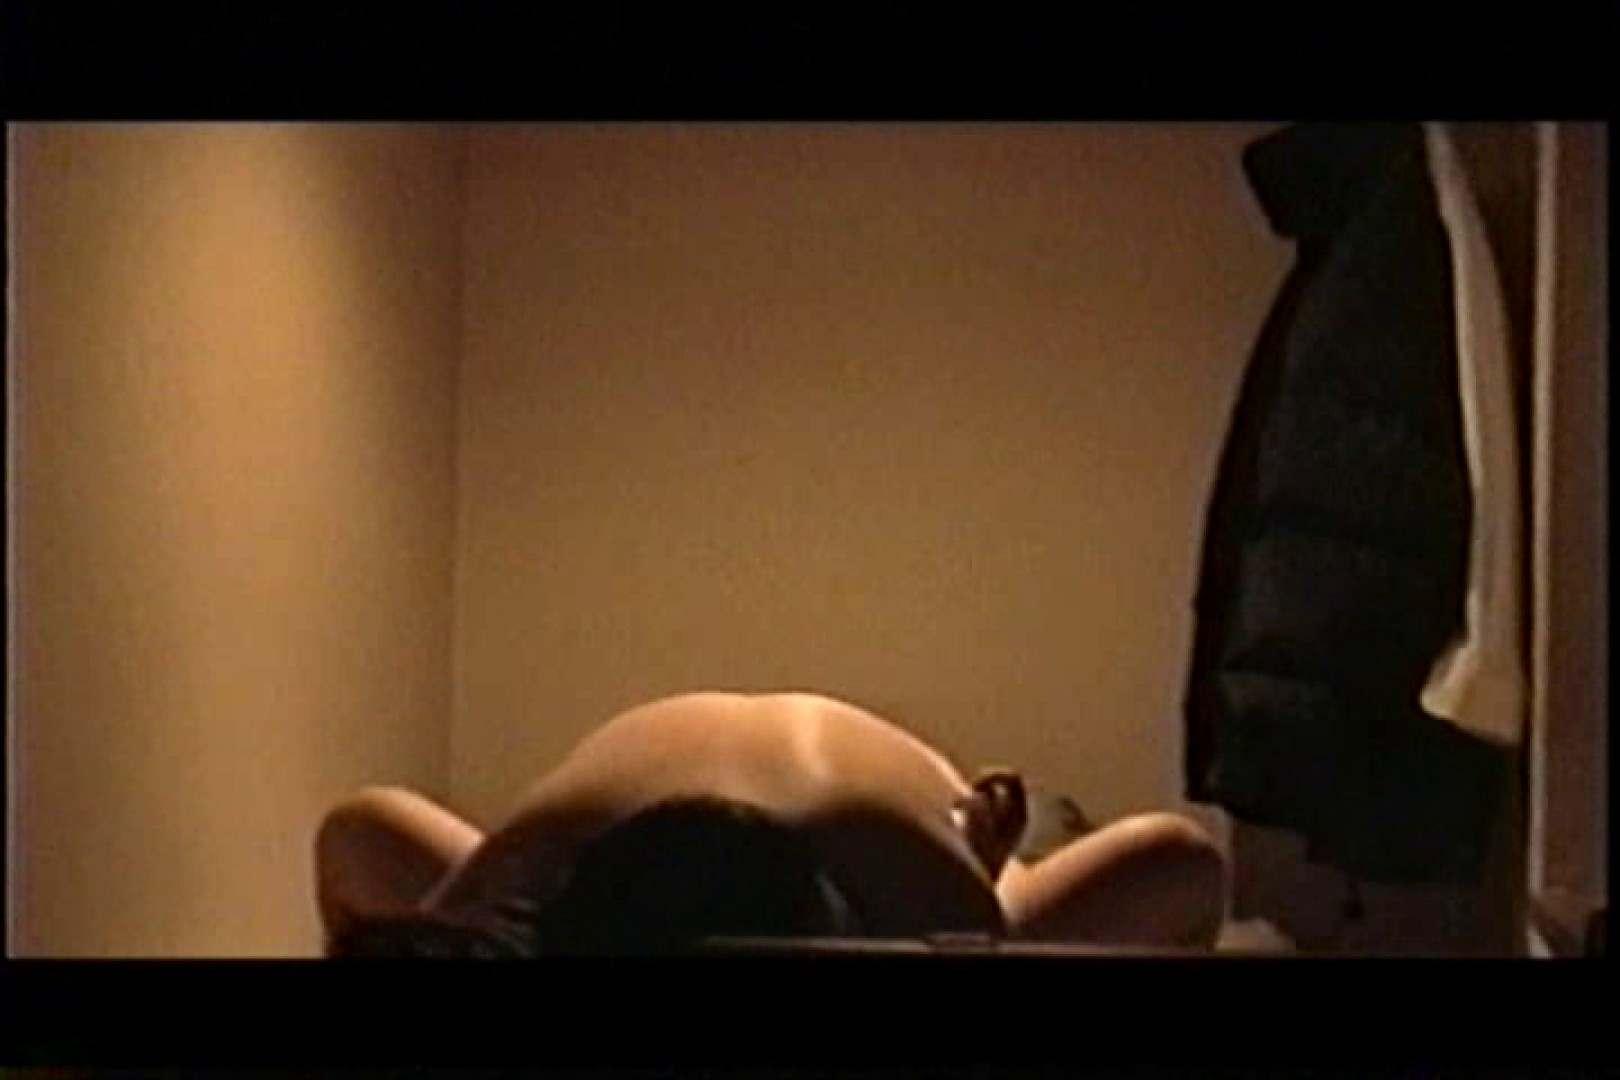 デリ嬢マル秘撮り本物投稿版② 乳首  60pic 33